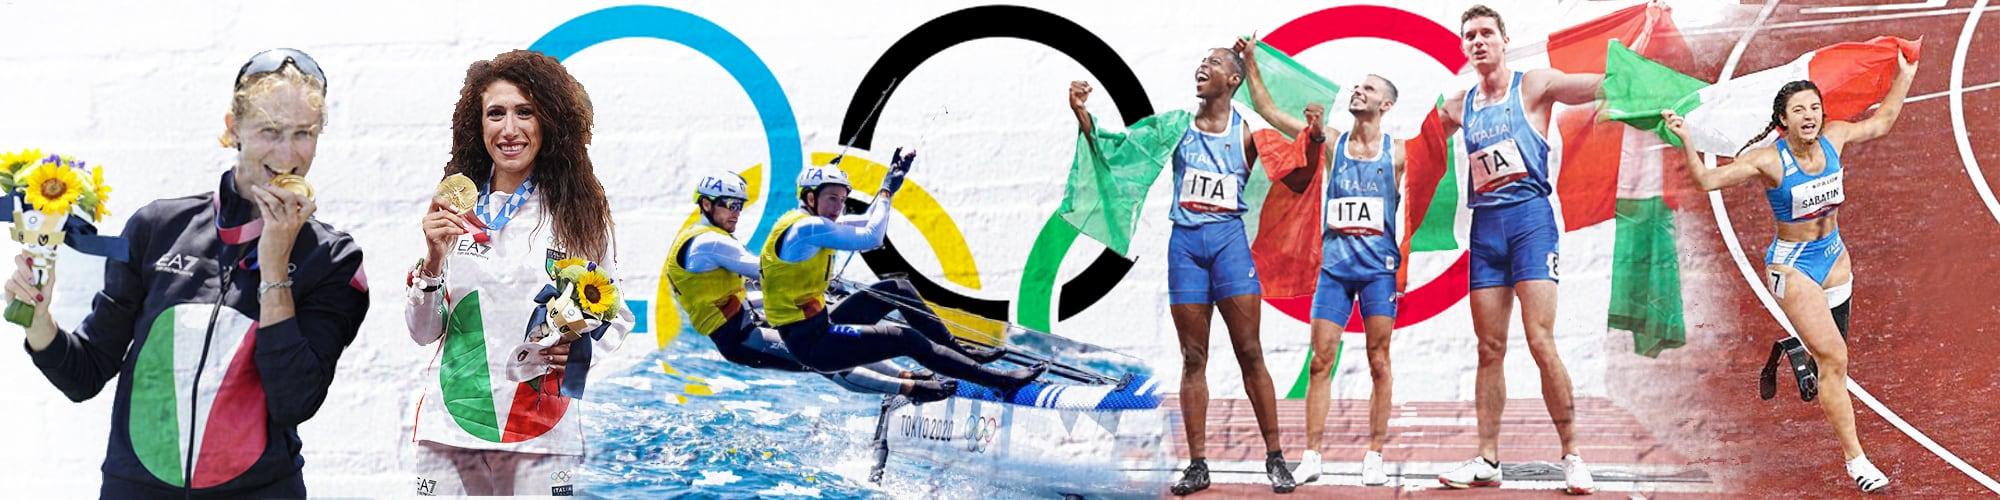 I nostri atleti